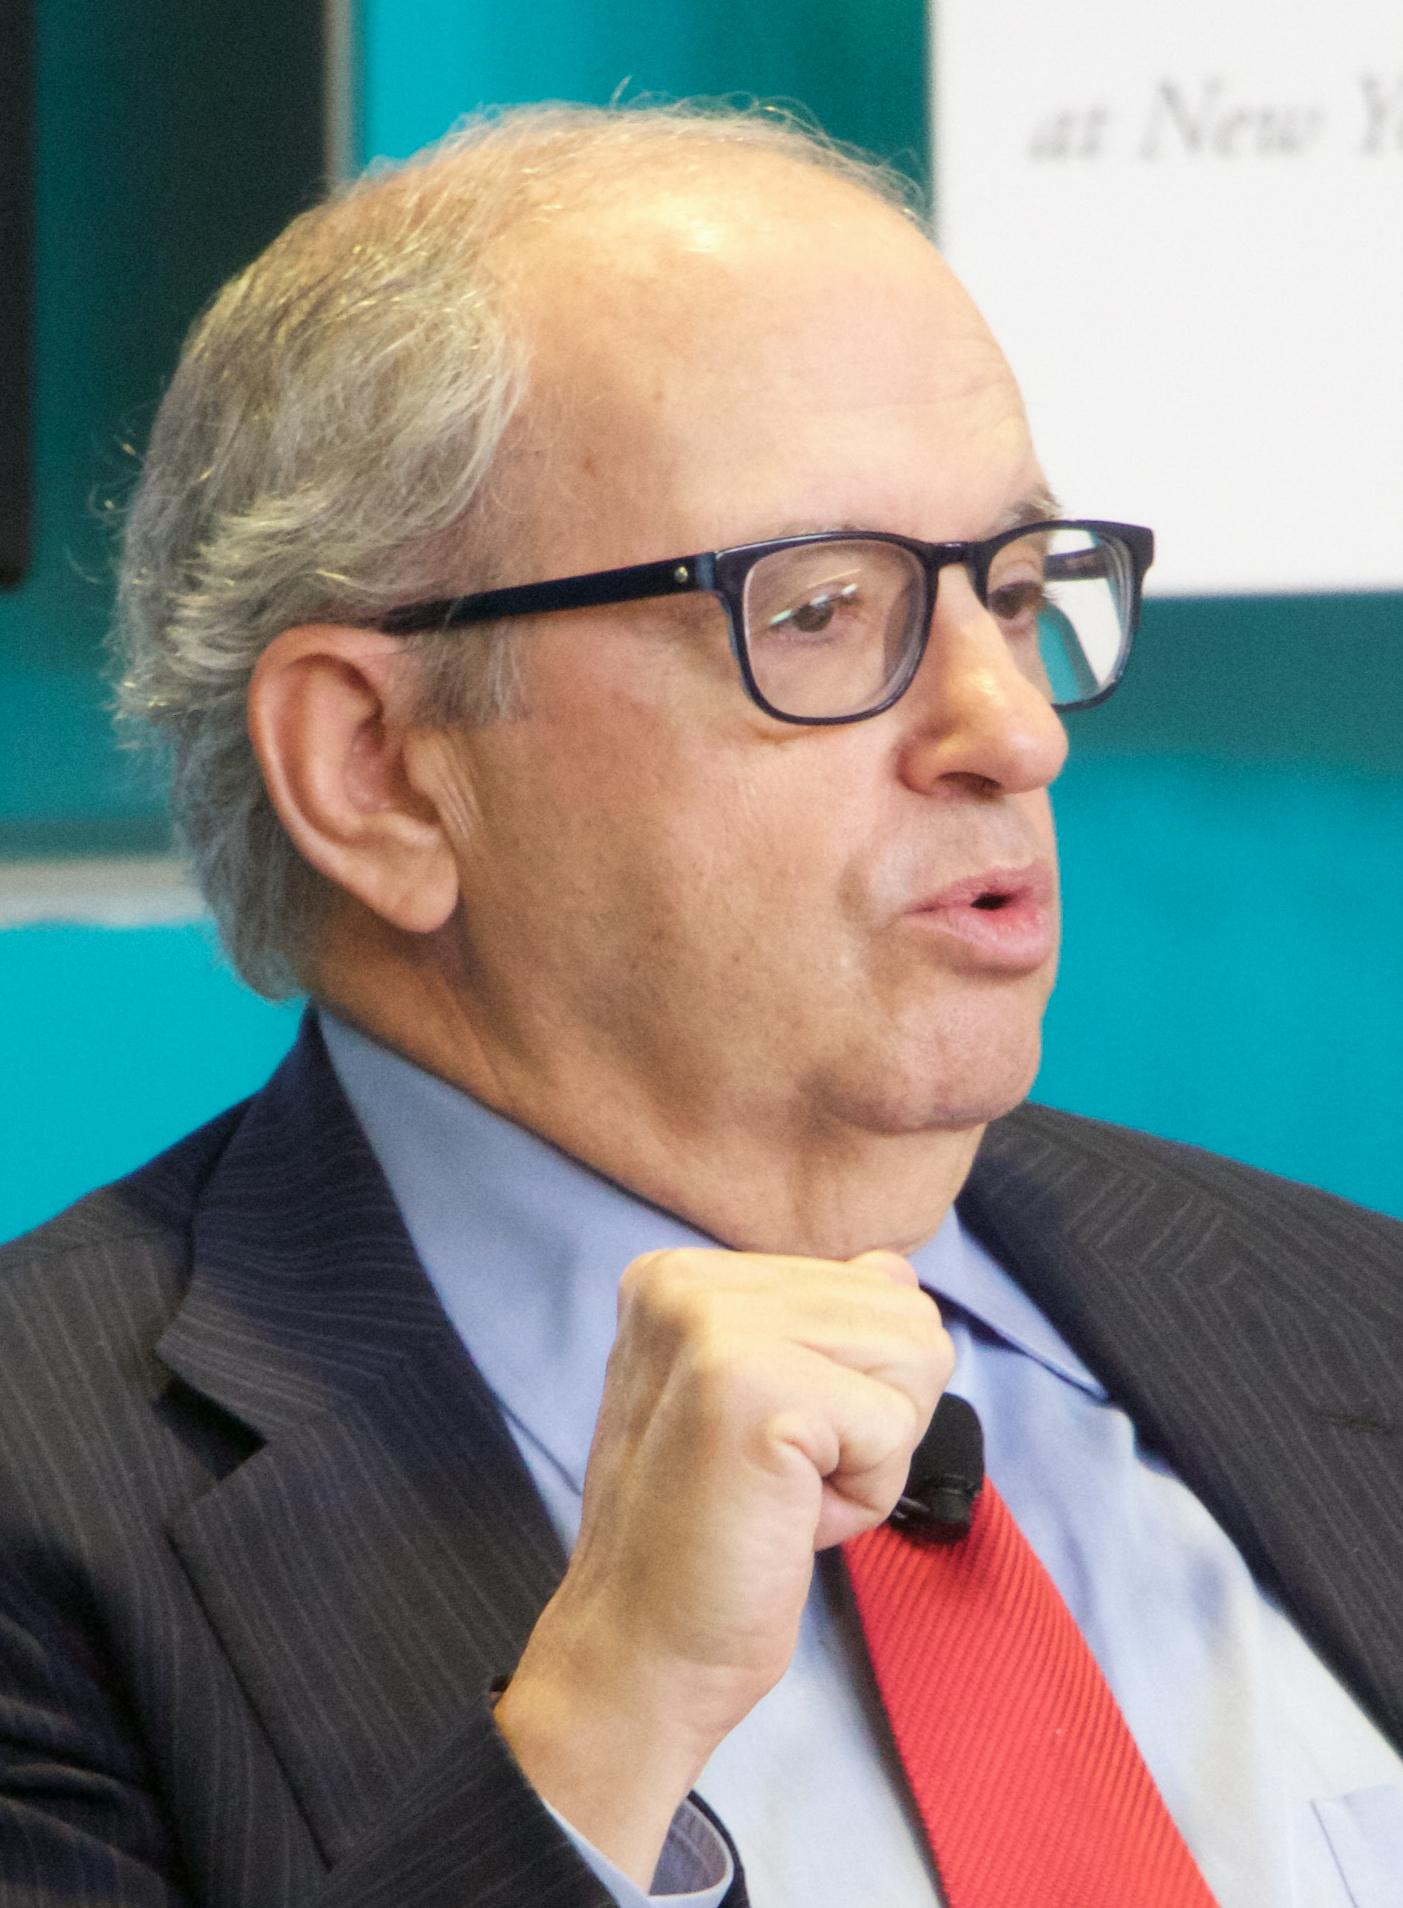 Norman Ornstein